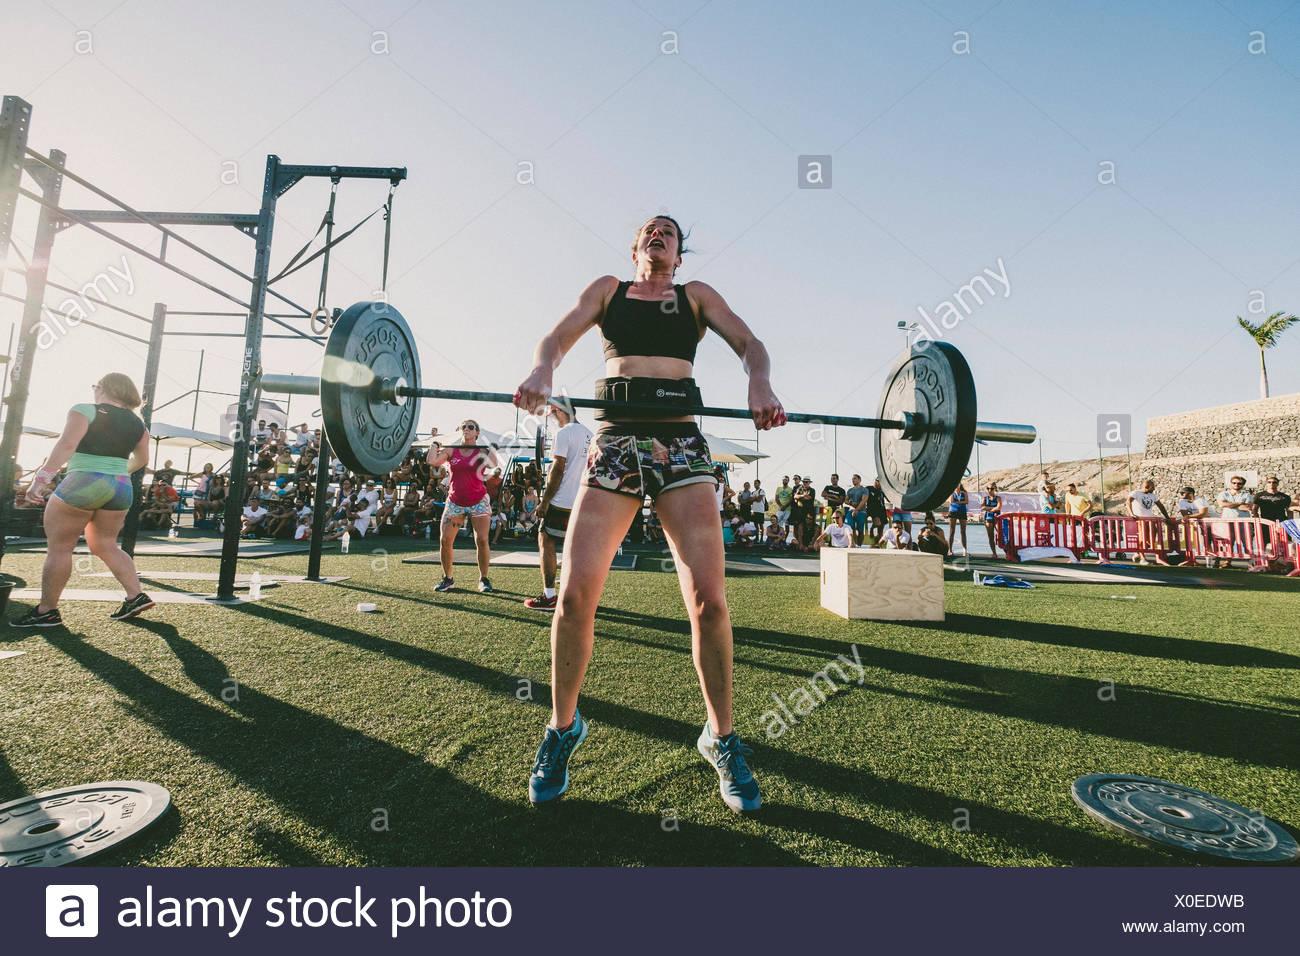 Vue avant de soulever des poids de l'athlète féminine durant la compétition, tenerife, Îles Canaries, Espagne Photo Stock